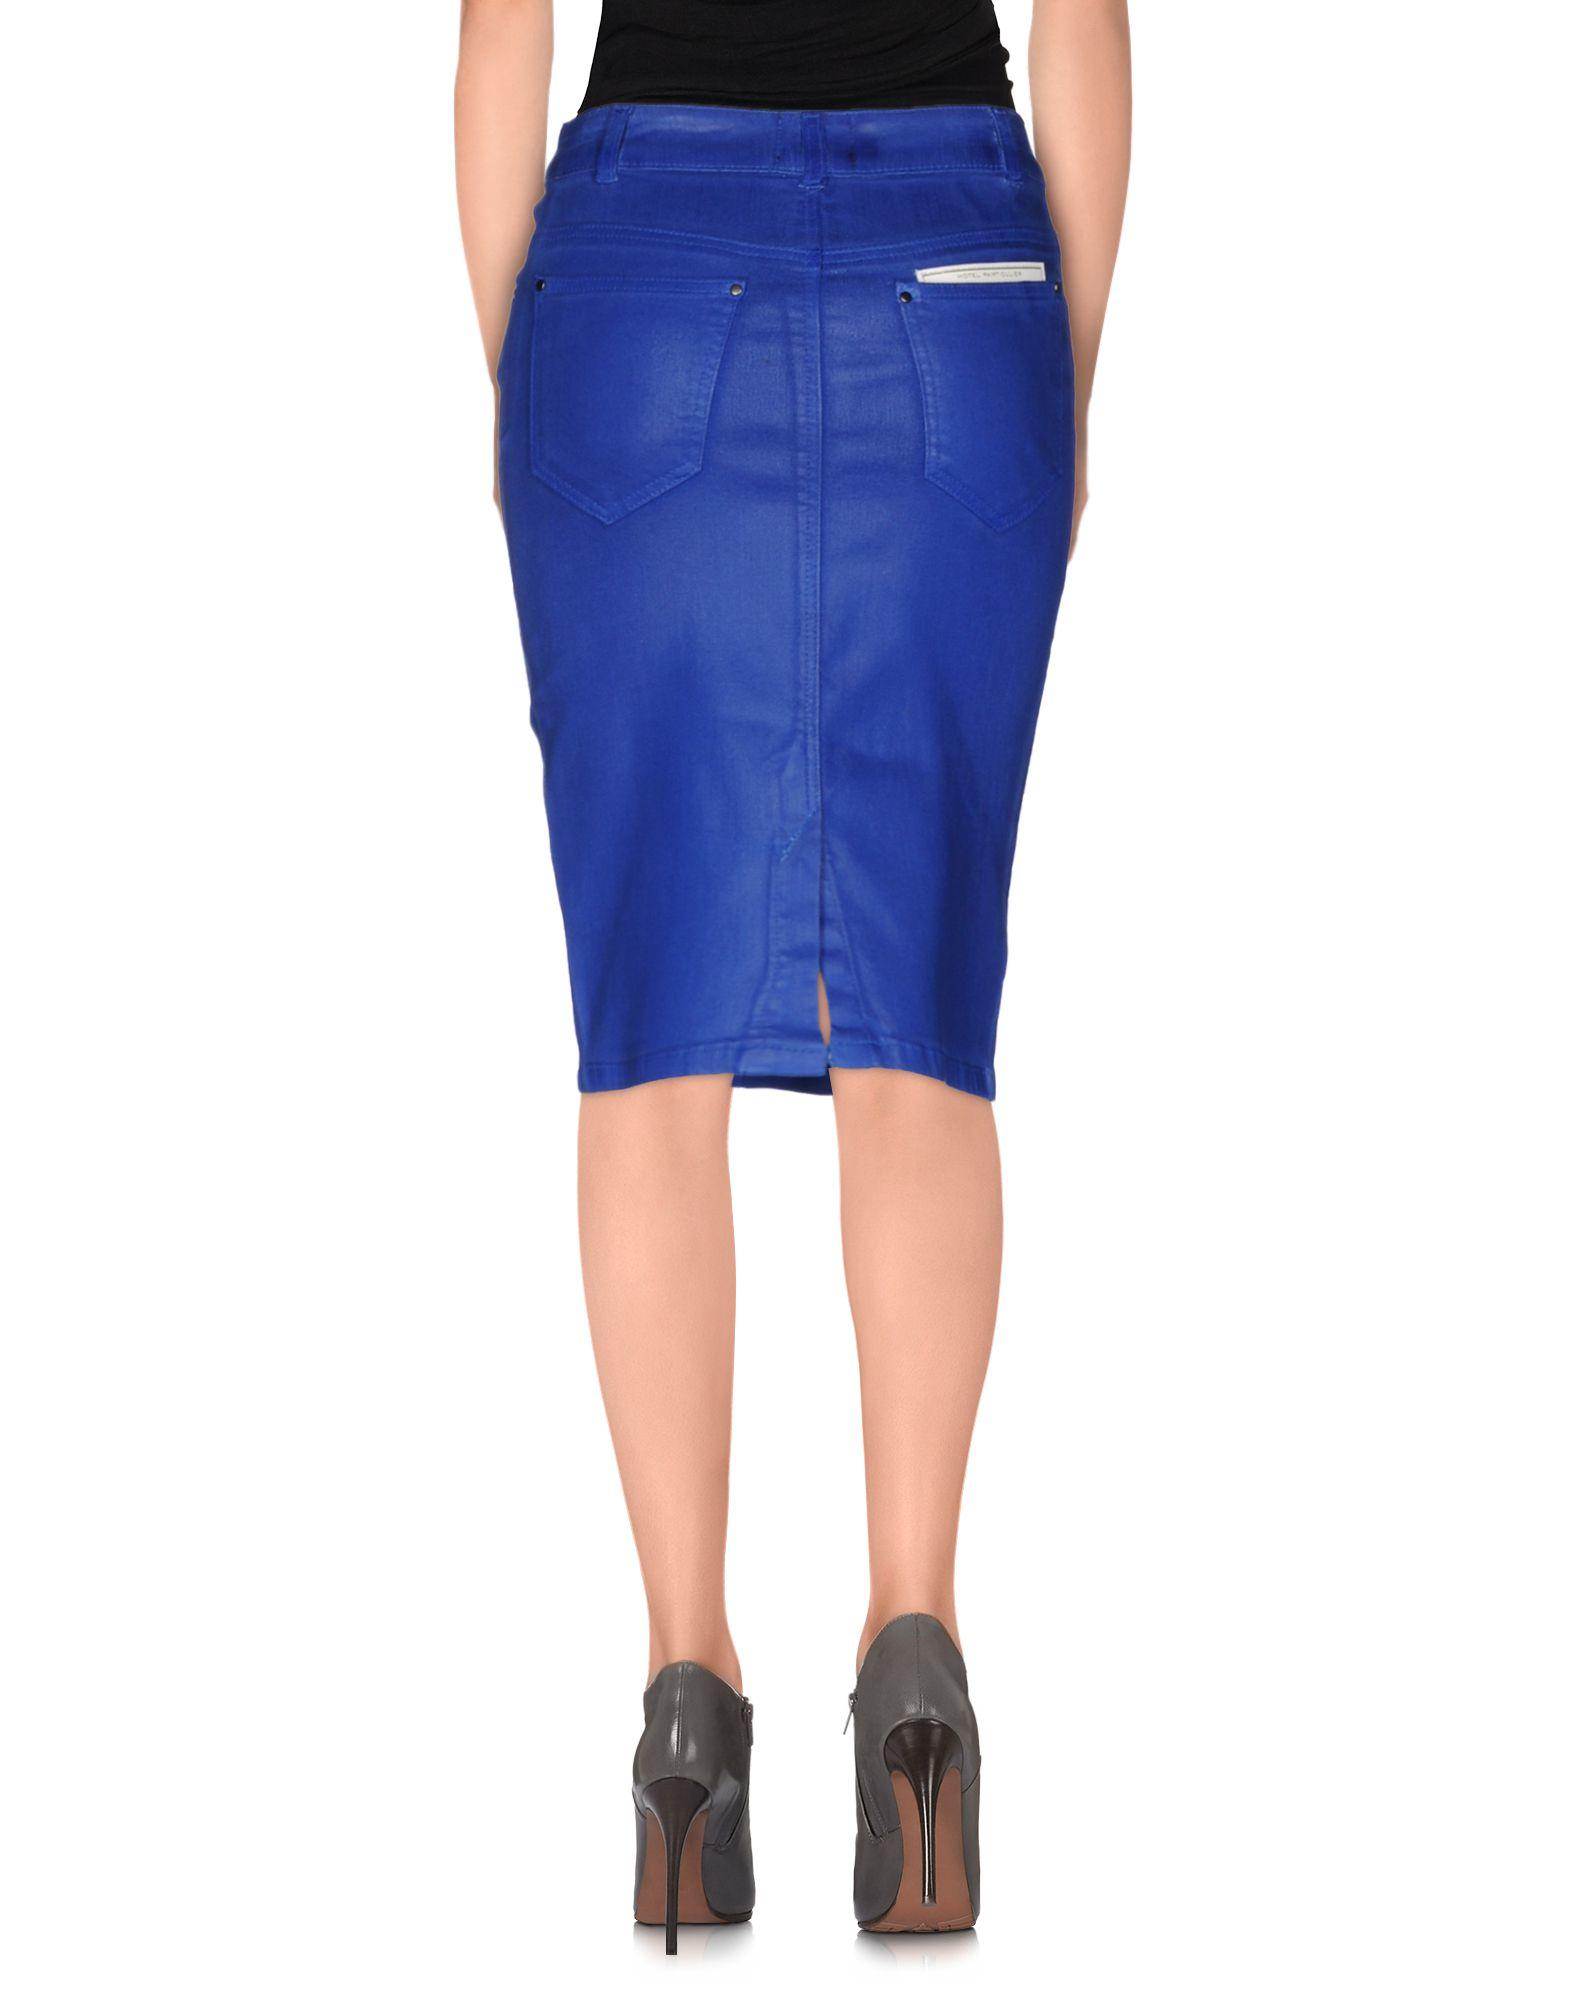 Hotel particulier Denim Skirt in Blue (Bright blue) | Lyst